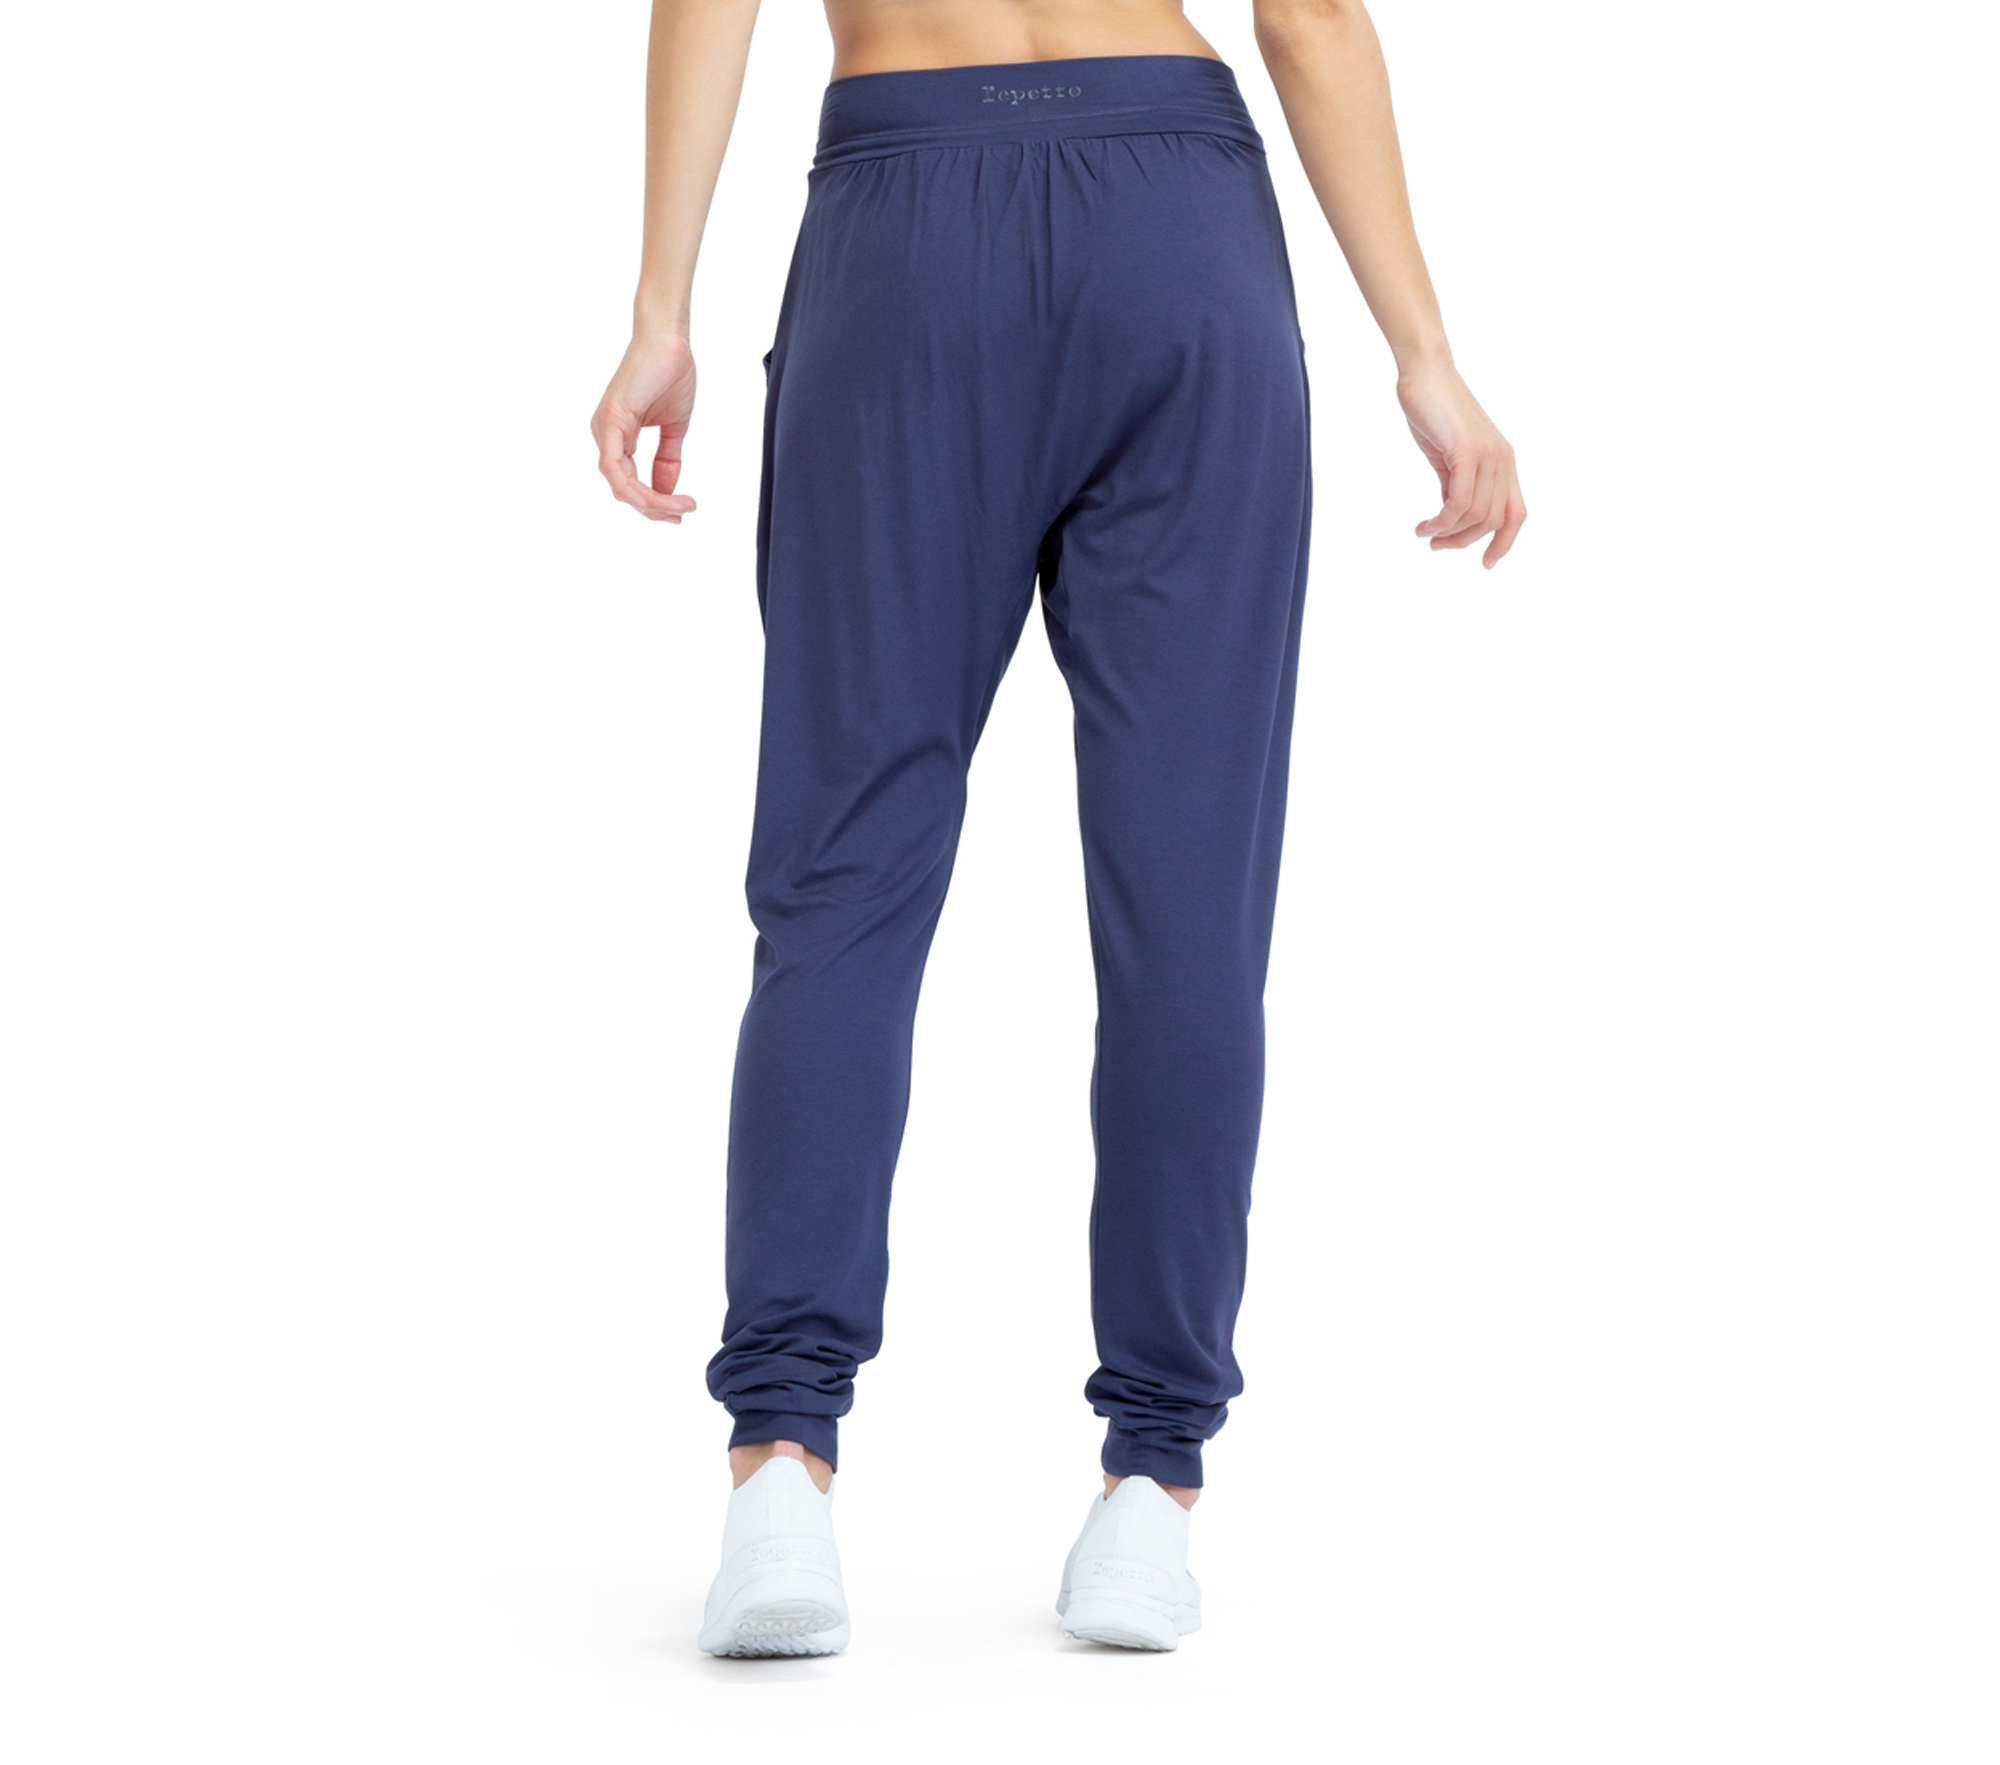 Pantaloni sarouel